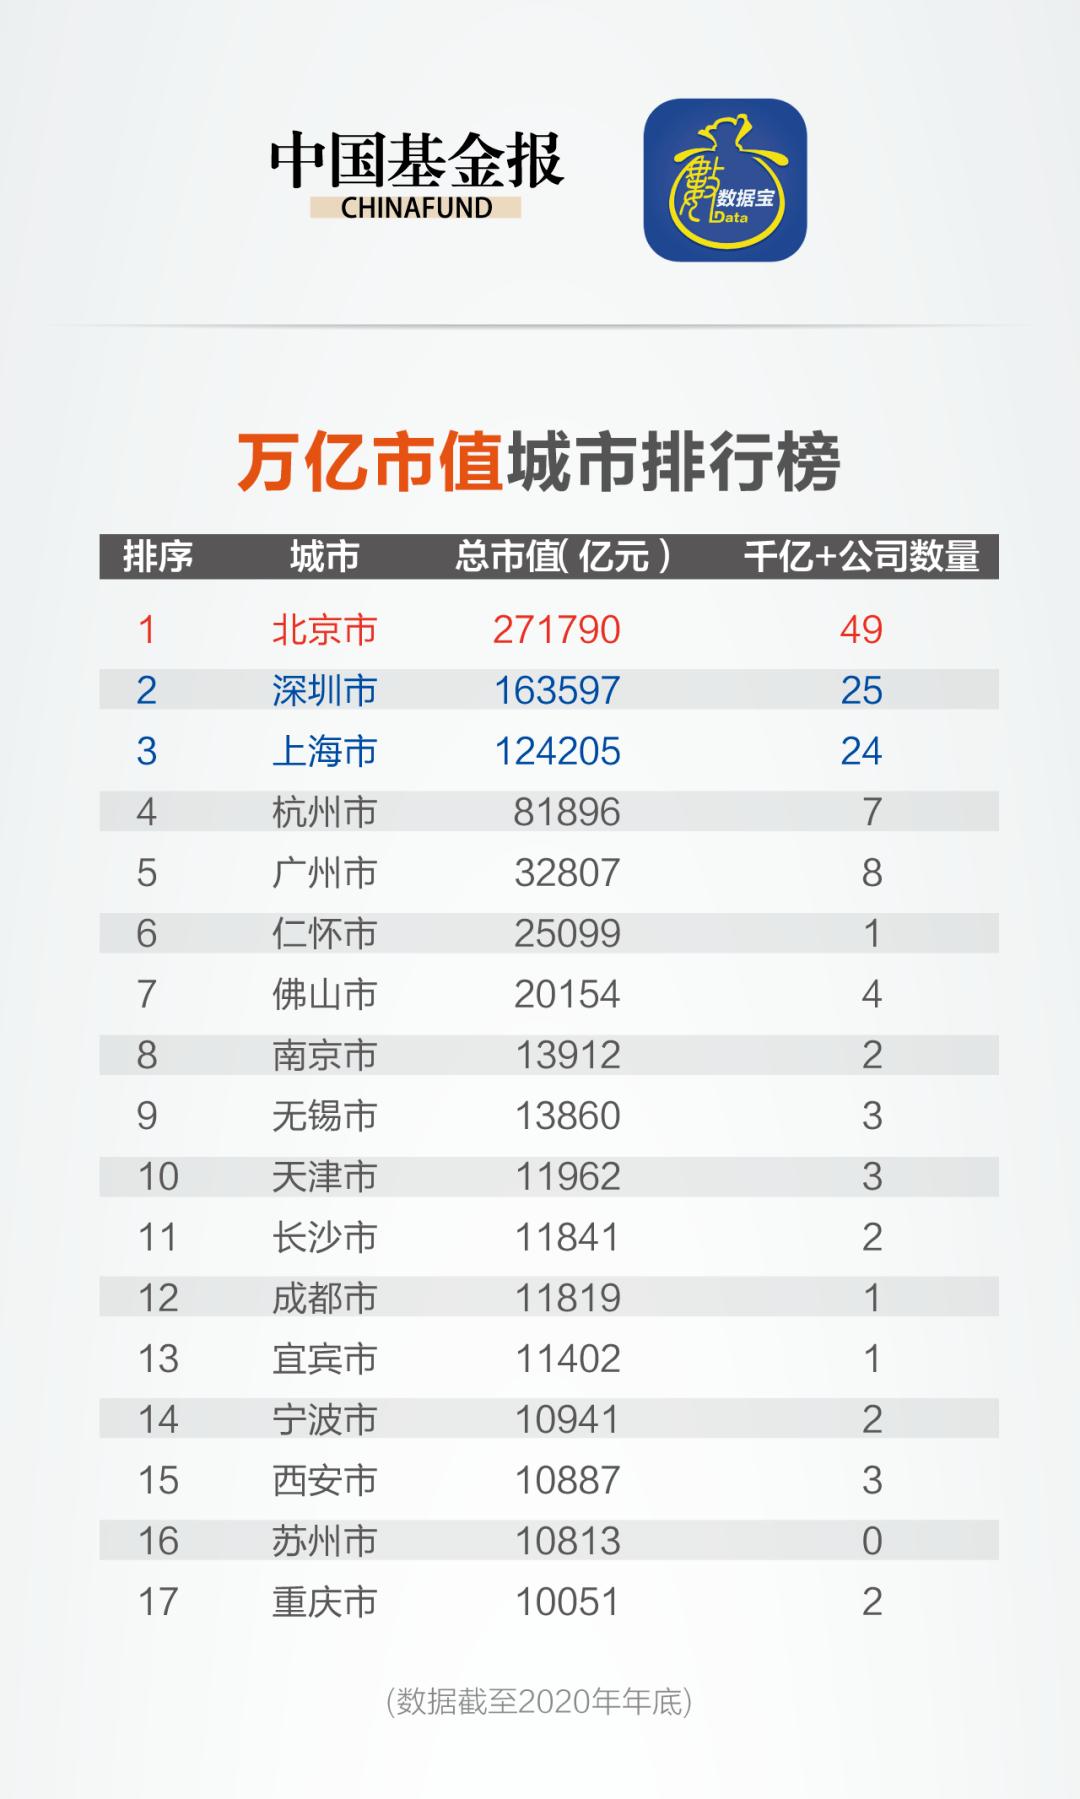 """重磅榜单!深圳上海彻底火了:市值狂增8万亿!更有这9大城市,首次突破1万亿,无锡、宜宾最""""亮眼""""…"""